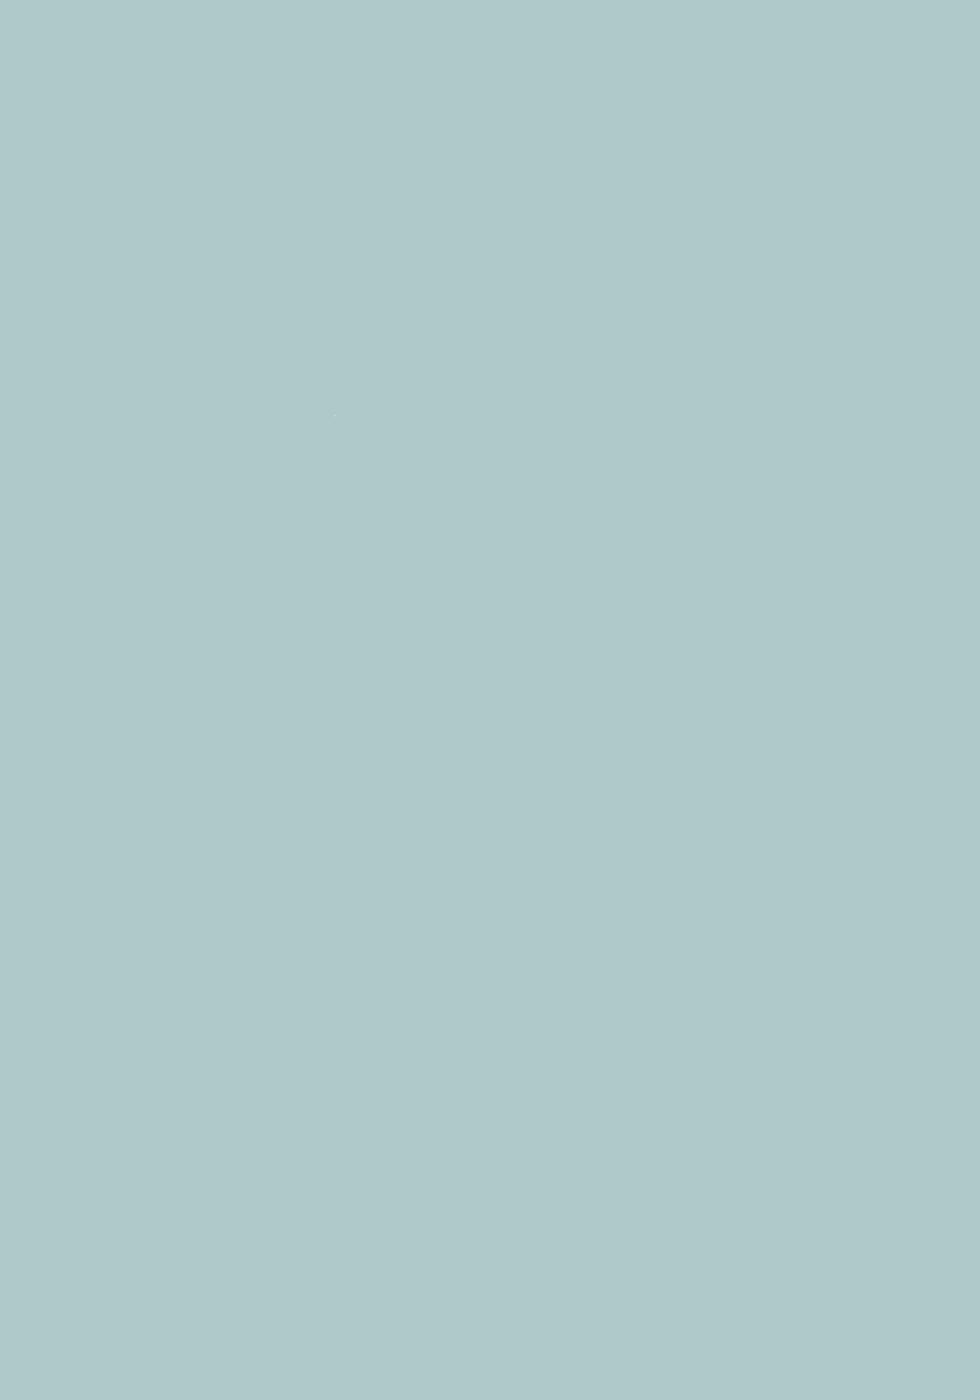 017 stoneblue